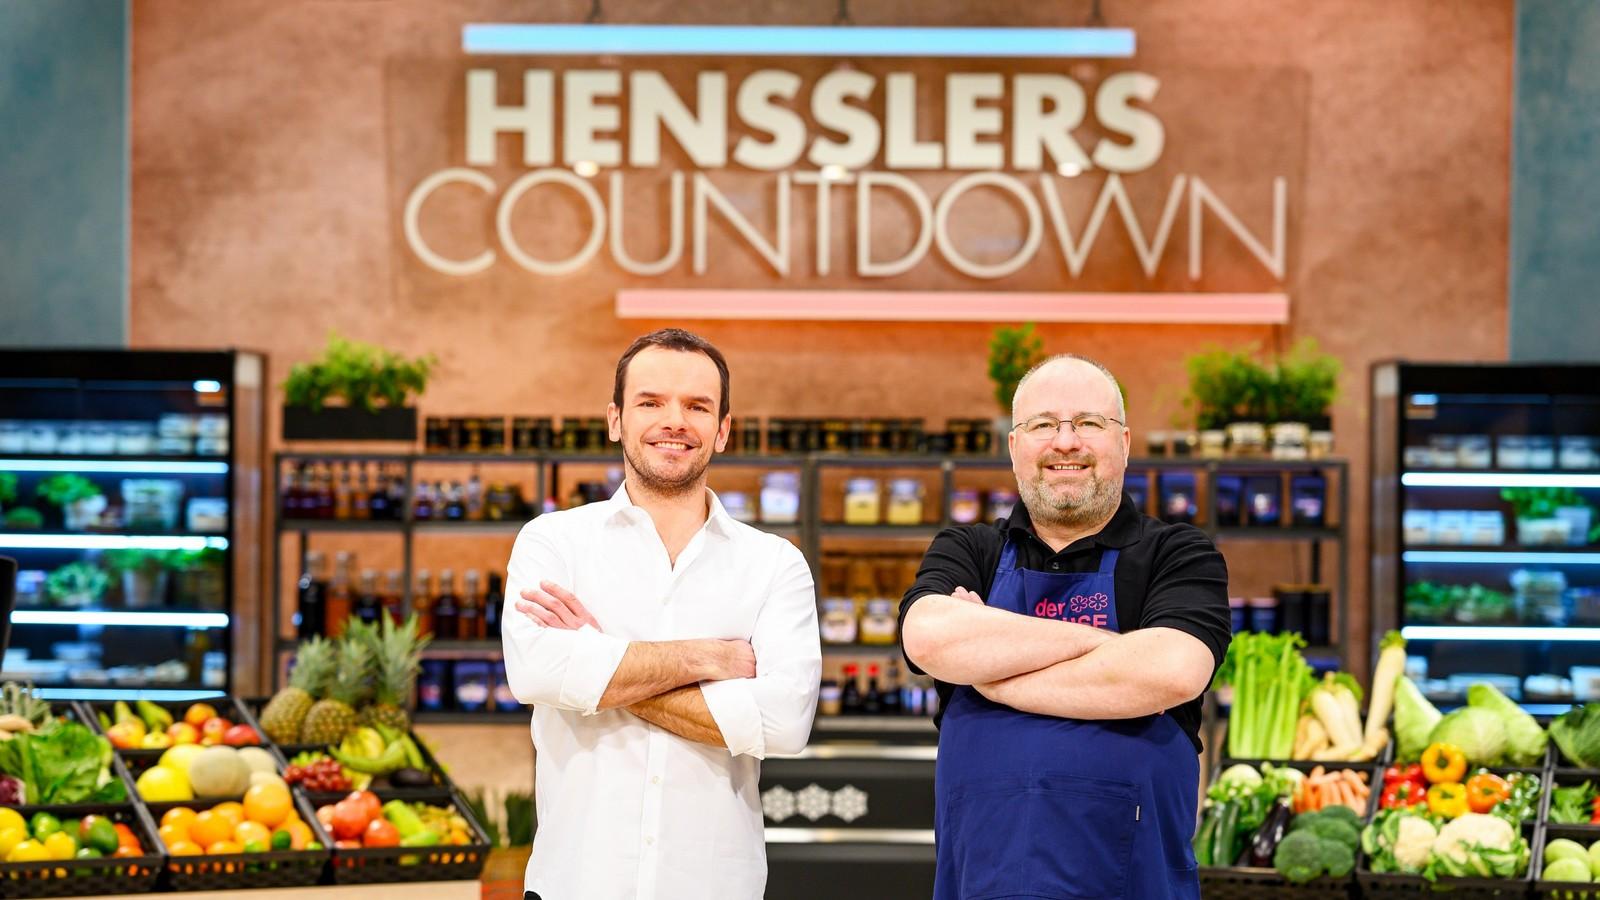 Hensslers Countdown